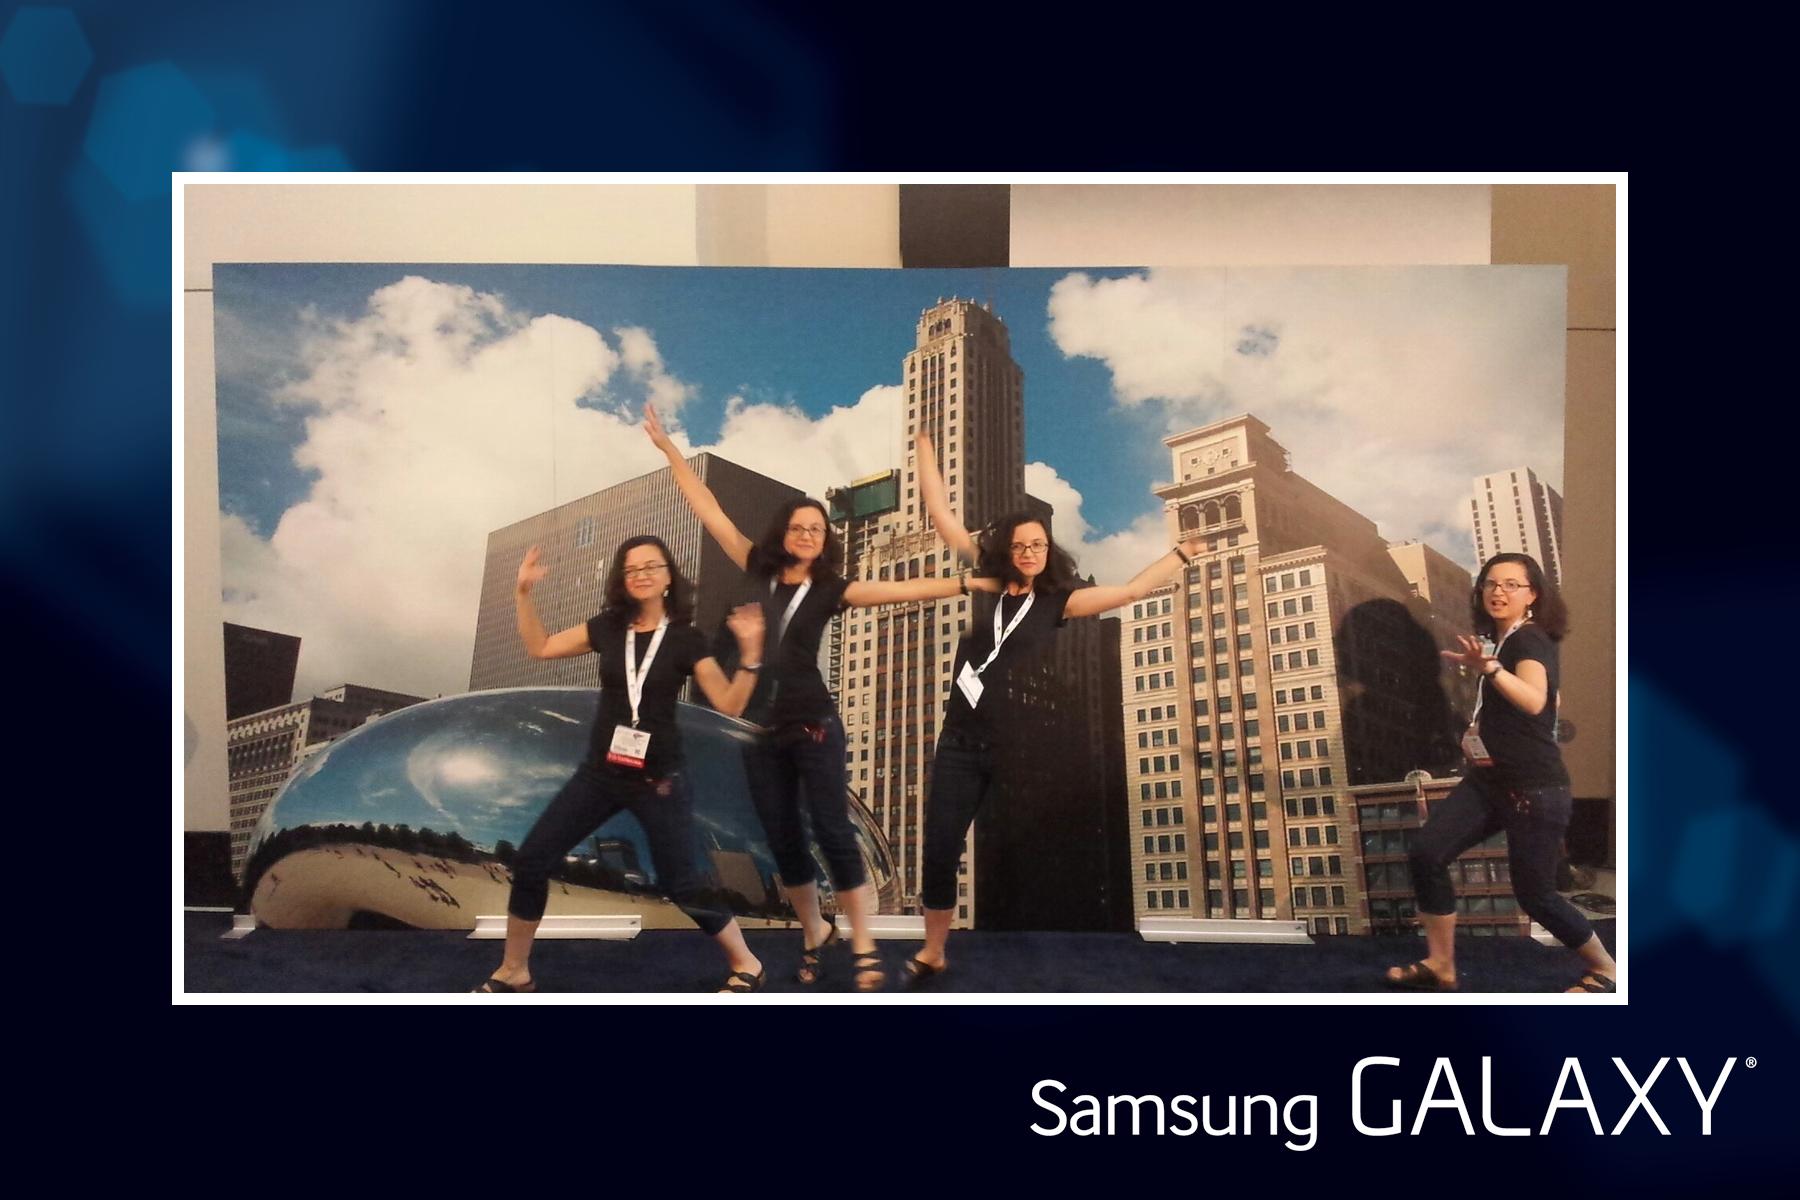 Samsung Drama Shot